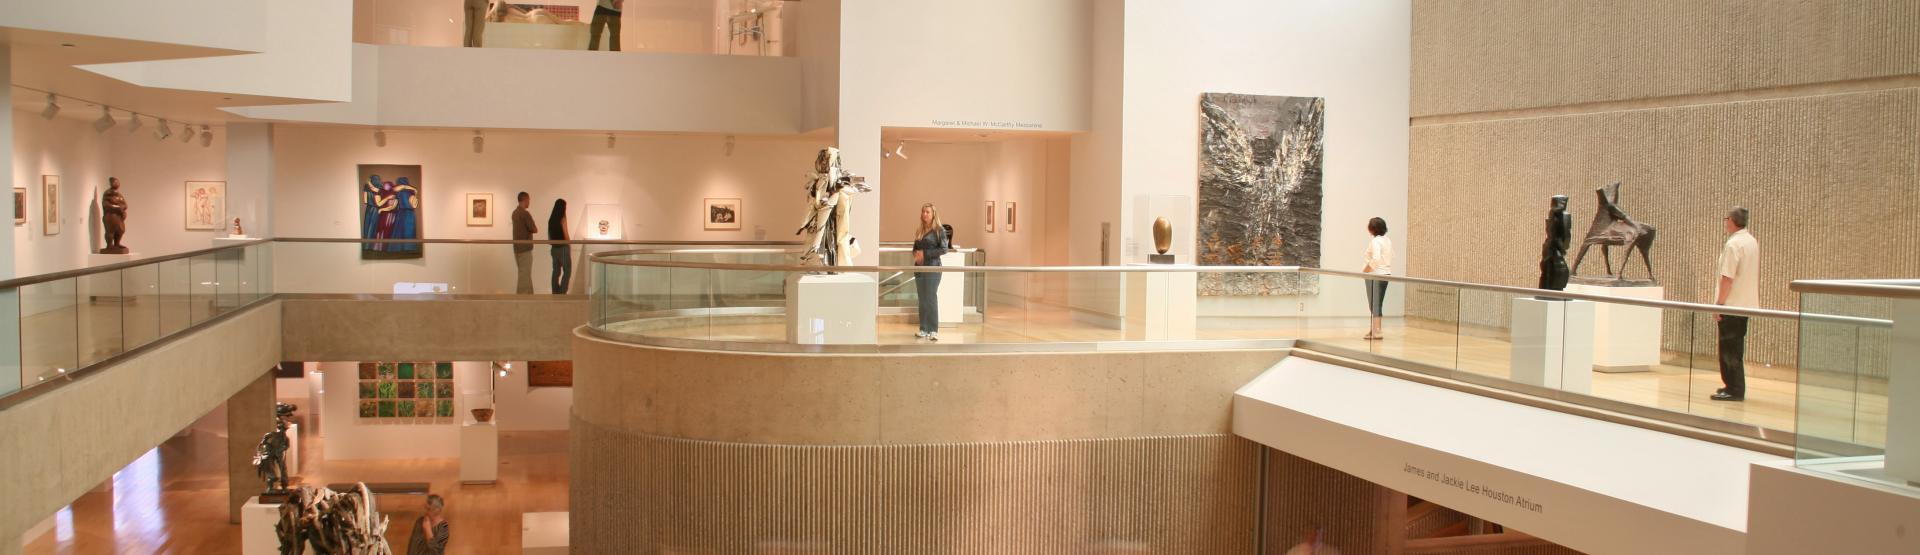 palm springs art museum interior photo 2010